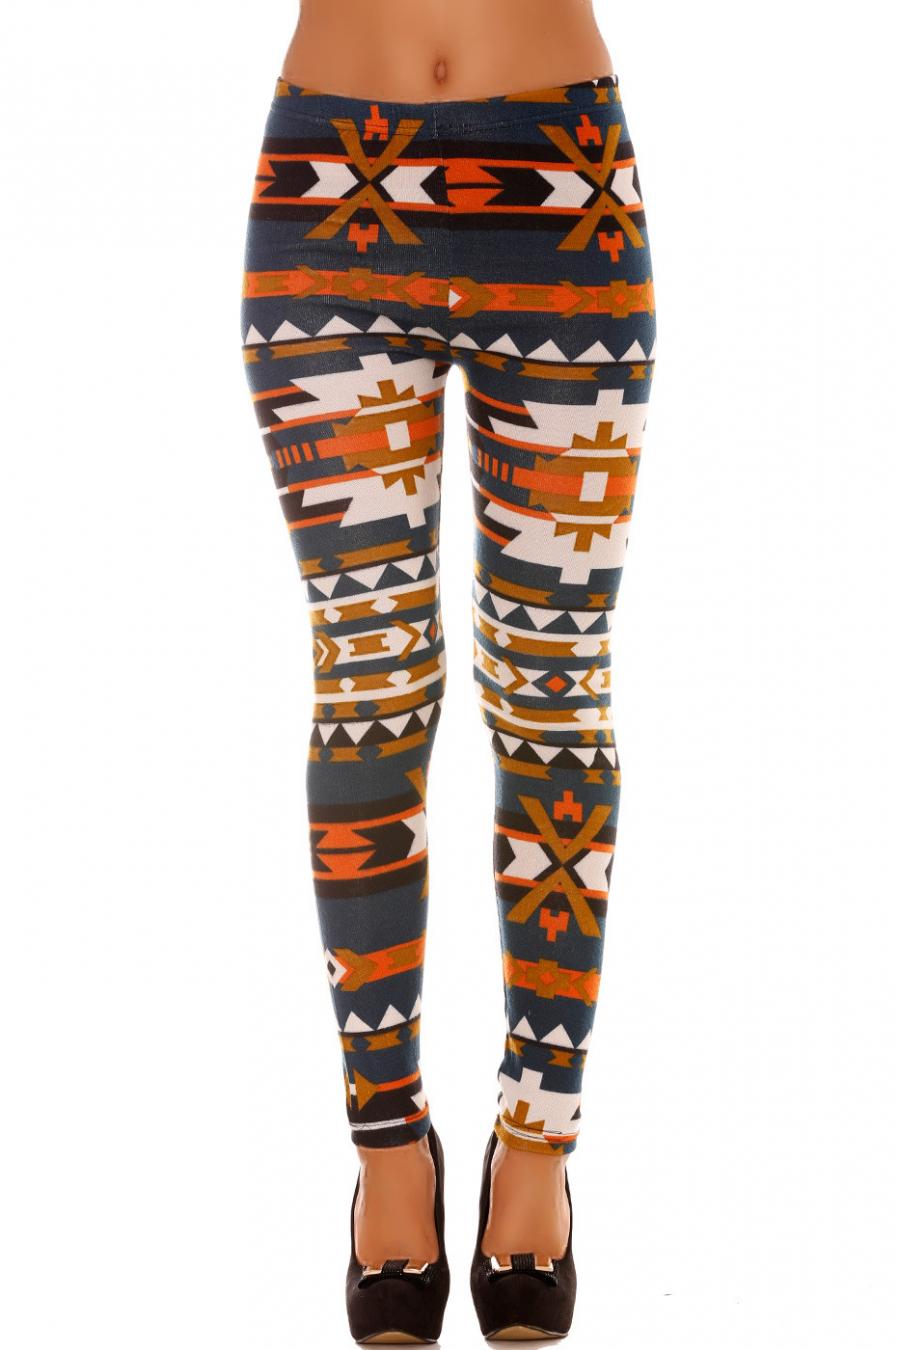 Leggings d'hiver coloré en Canard et orange motifs fantaisie. Leggings Style fashion. 113-1